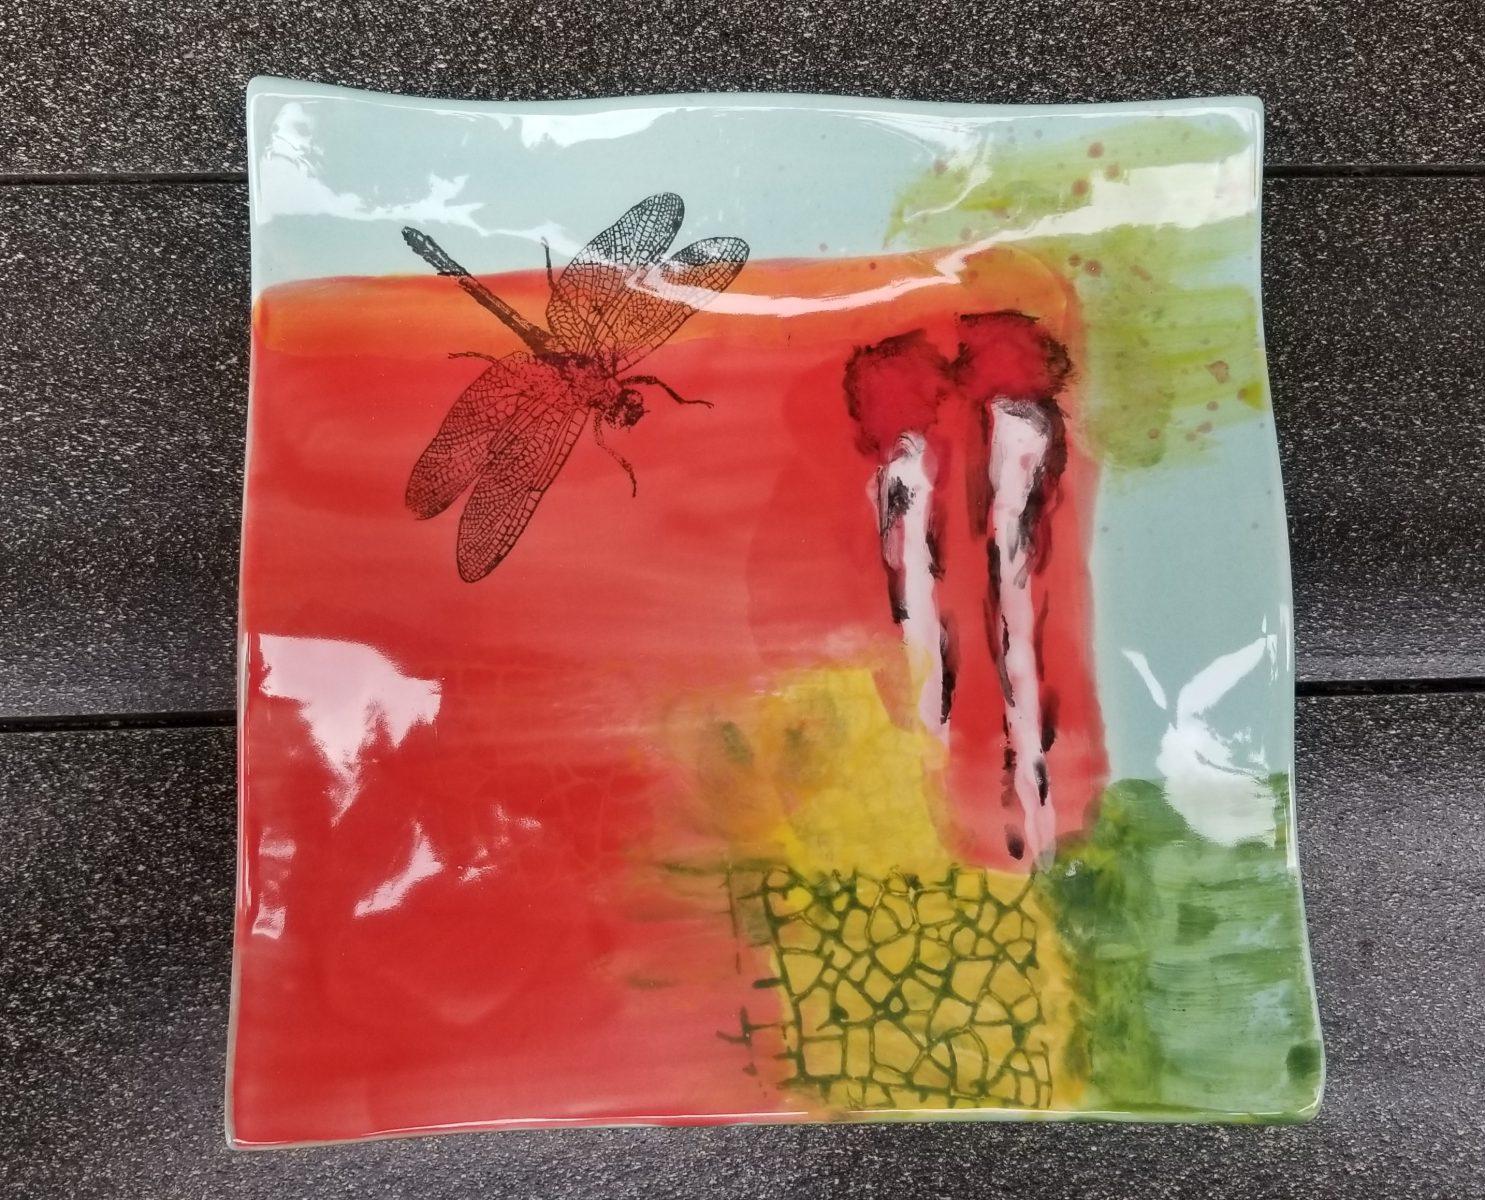 Keramik Keramik Wellenteller Design mit Libelle